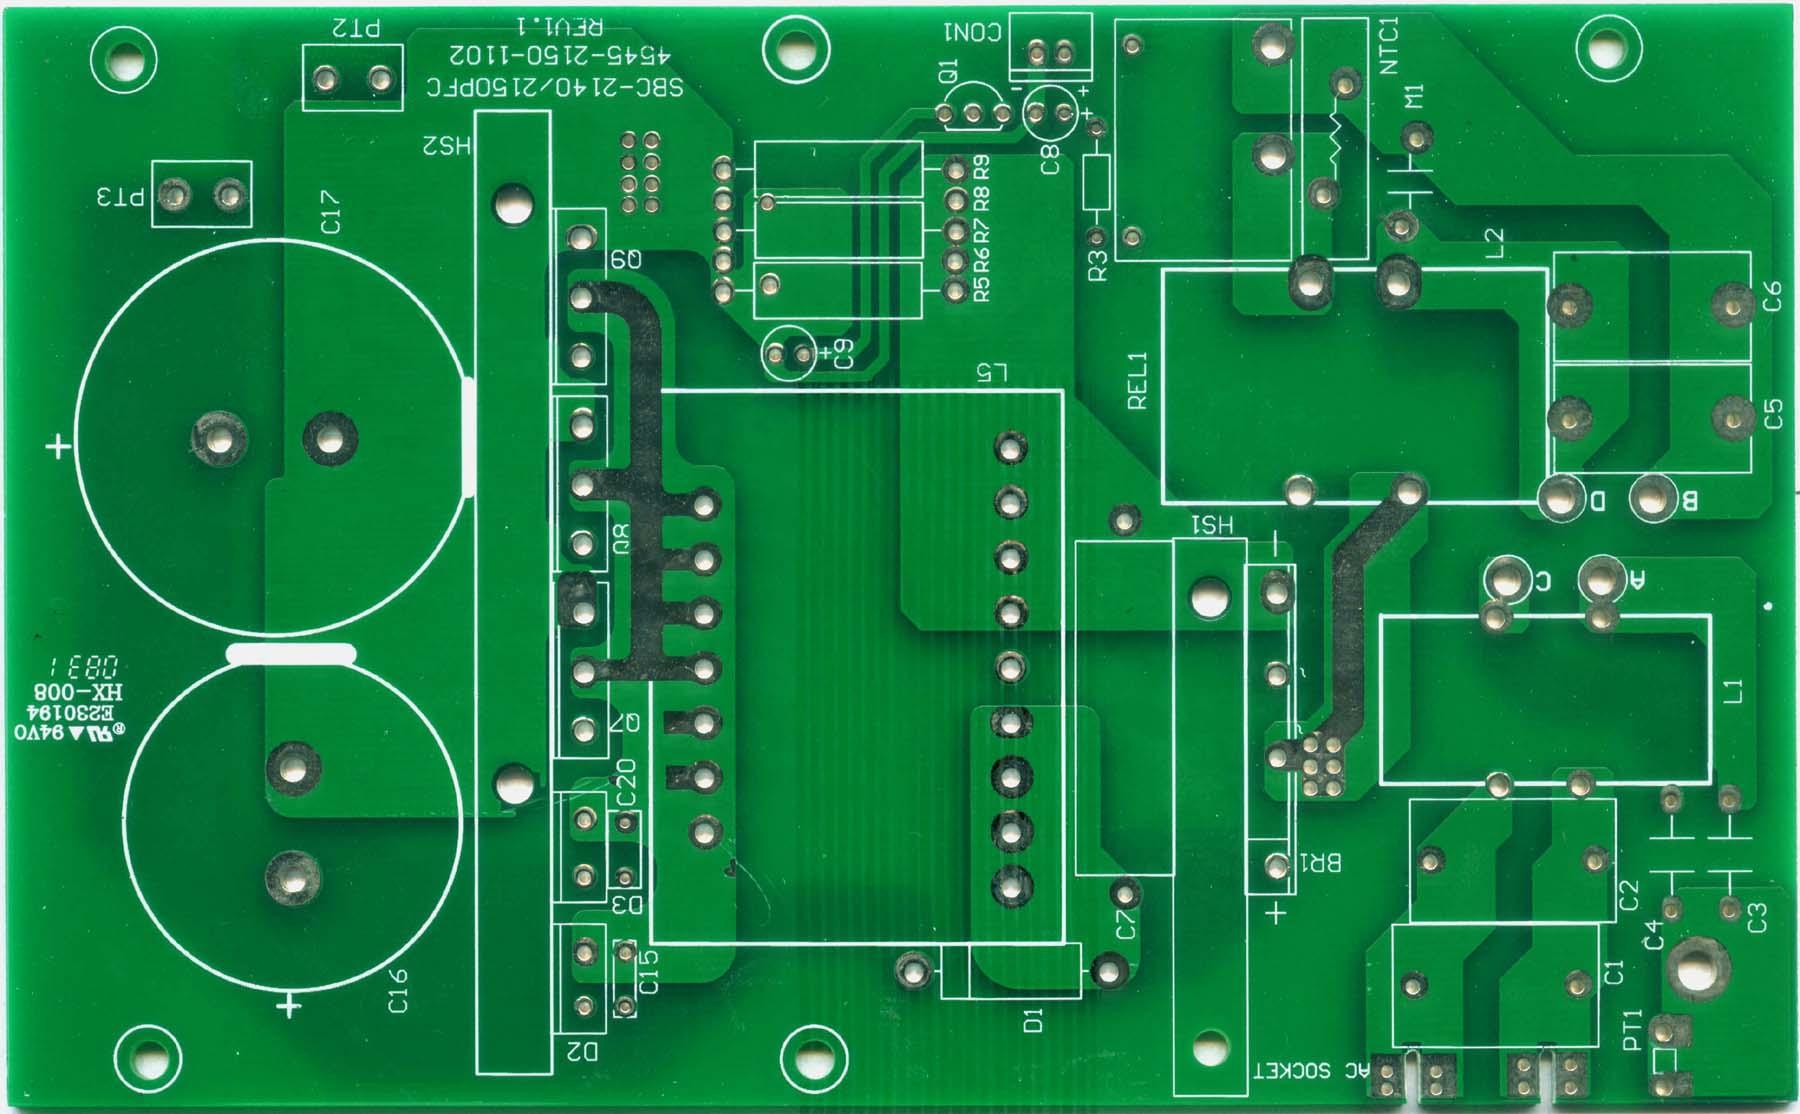 厂家生产线路板走刀式分板机|铝基板分板机|PCB板分板机 HZX-904 别名:铝基板分板机,PC板分板机,V-CUT分板机 技术参数: 1.工作电压:AC 220V 2.外观尺寸:700x330x400mm 3.机身重量: 70公斤 4.可切最小:V-CUT槽至0.1mm, 元件与板槽距离最小1.00mm 5.切刀行程:最大400mm,其它依次是100mm;200mm; 300mm。 6.